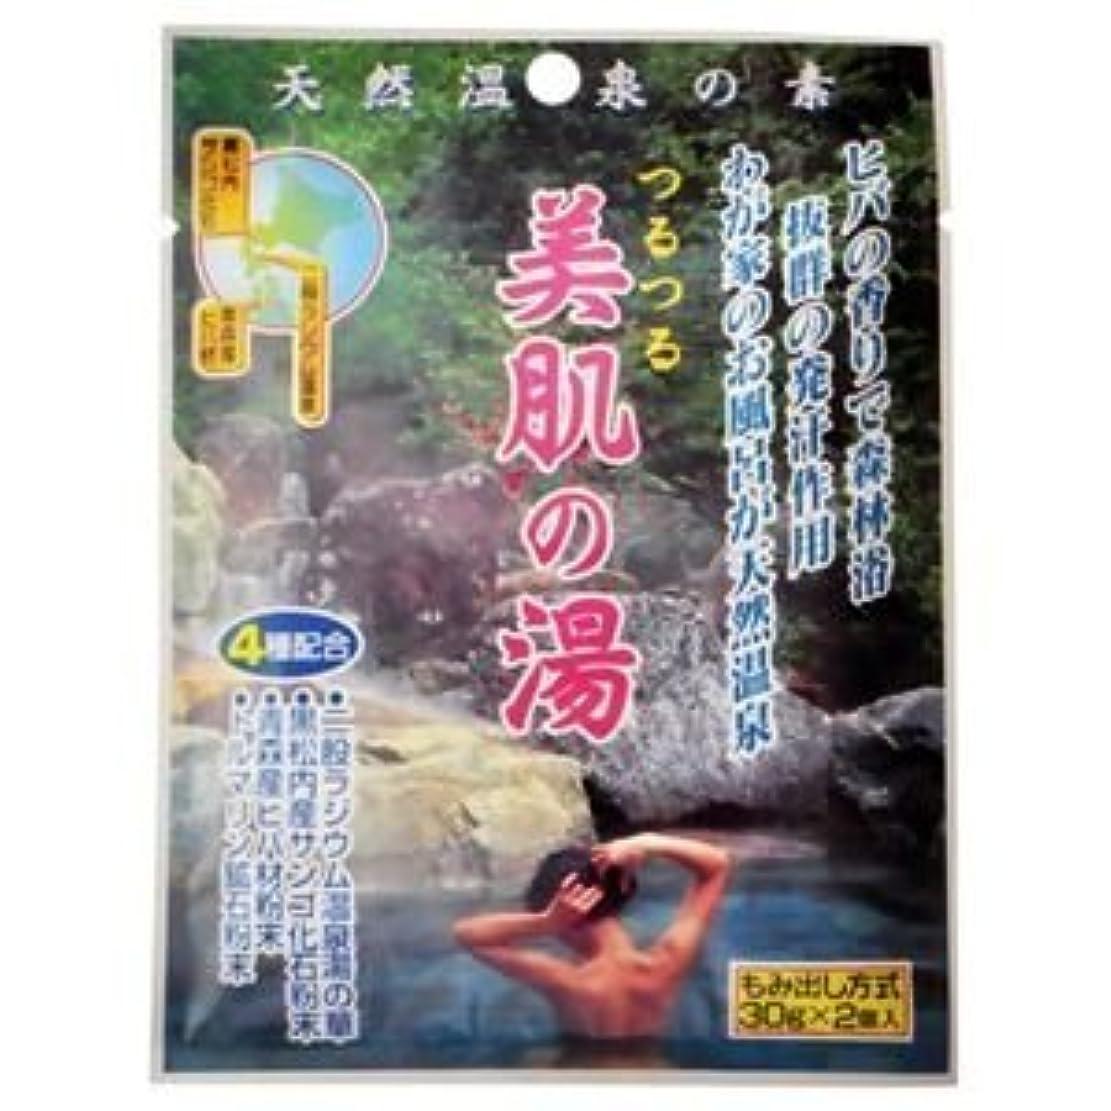 降伏既に足音天然温泉の素 つるつる美肌の湯 30g×2個入(入浴剤) (10個セット)